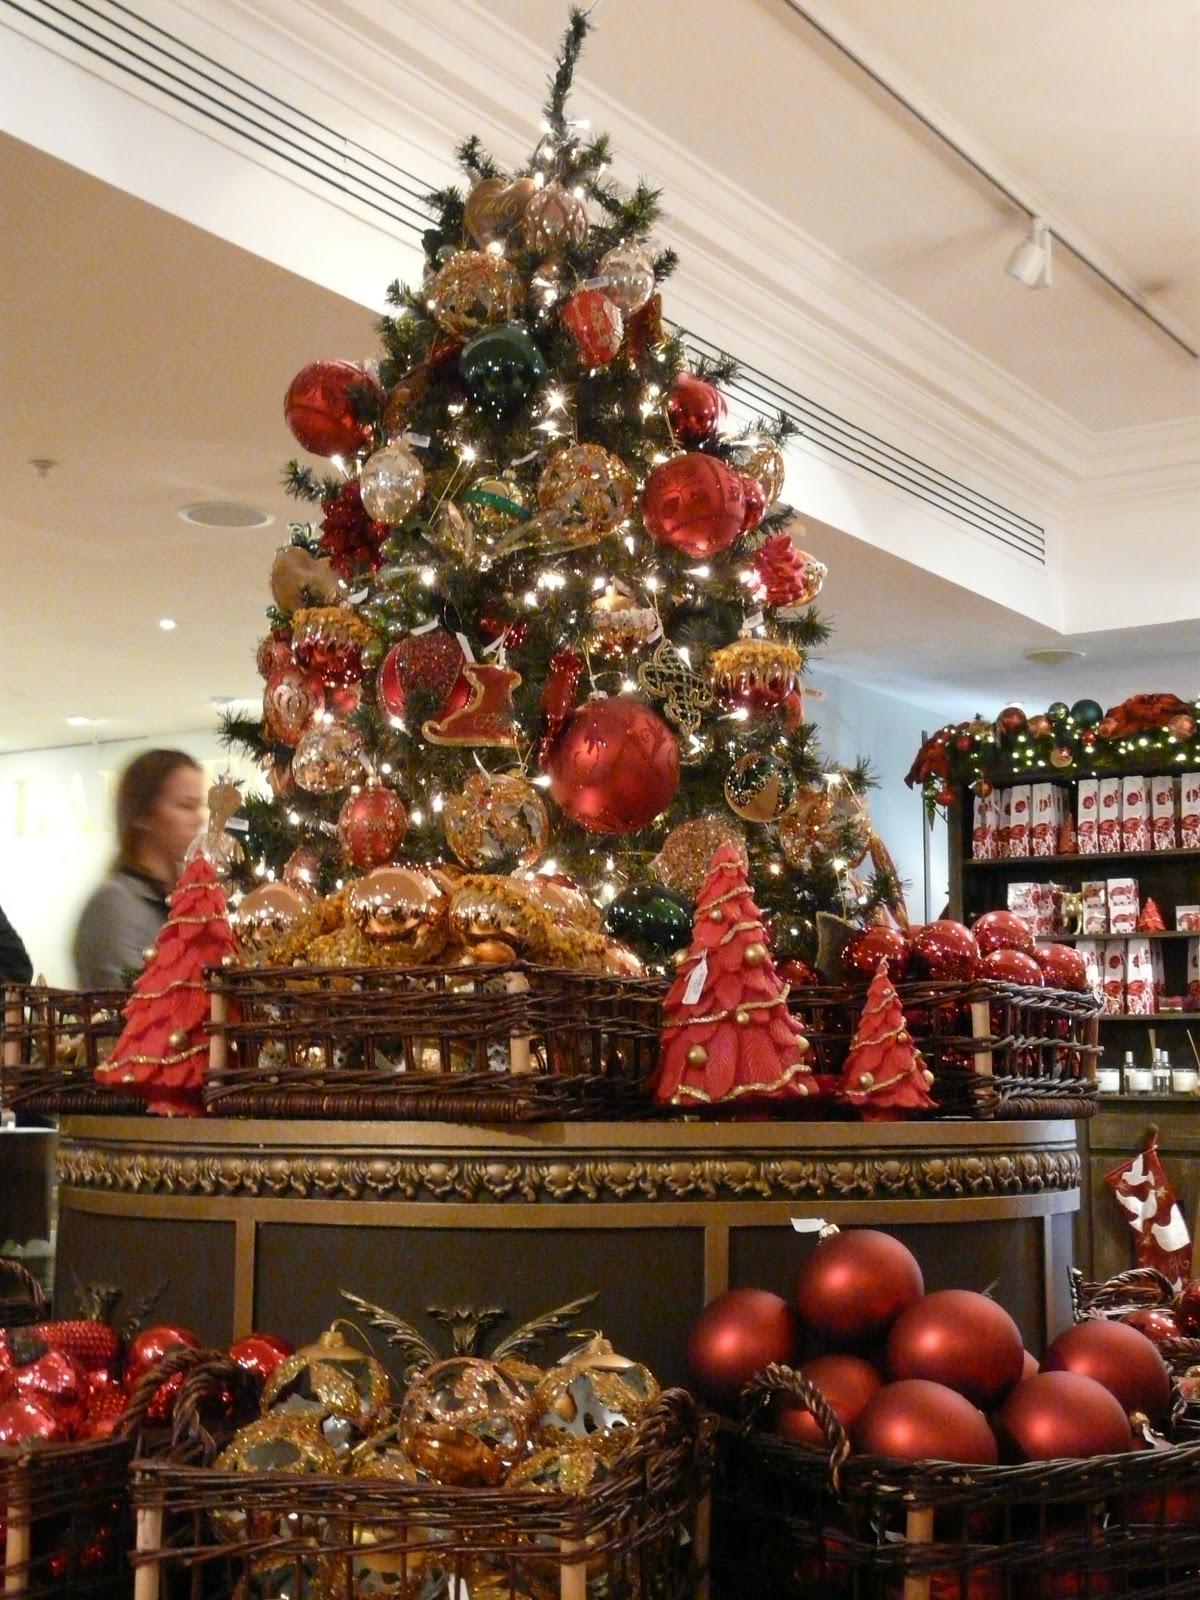 #A1352A Christmas Time In London Le Petit Monde De Oli Dolly 5317 decorations de noel a londres 1200x1600 px @ aertt.com